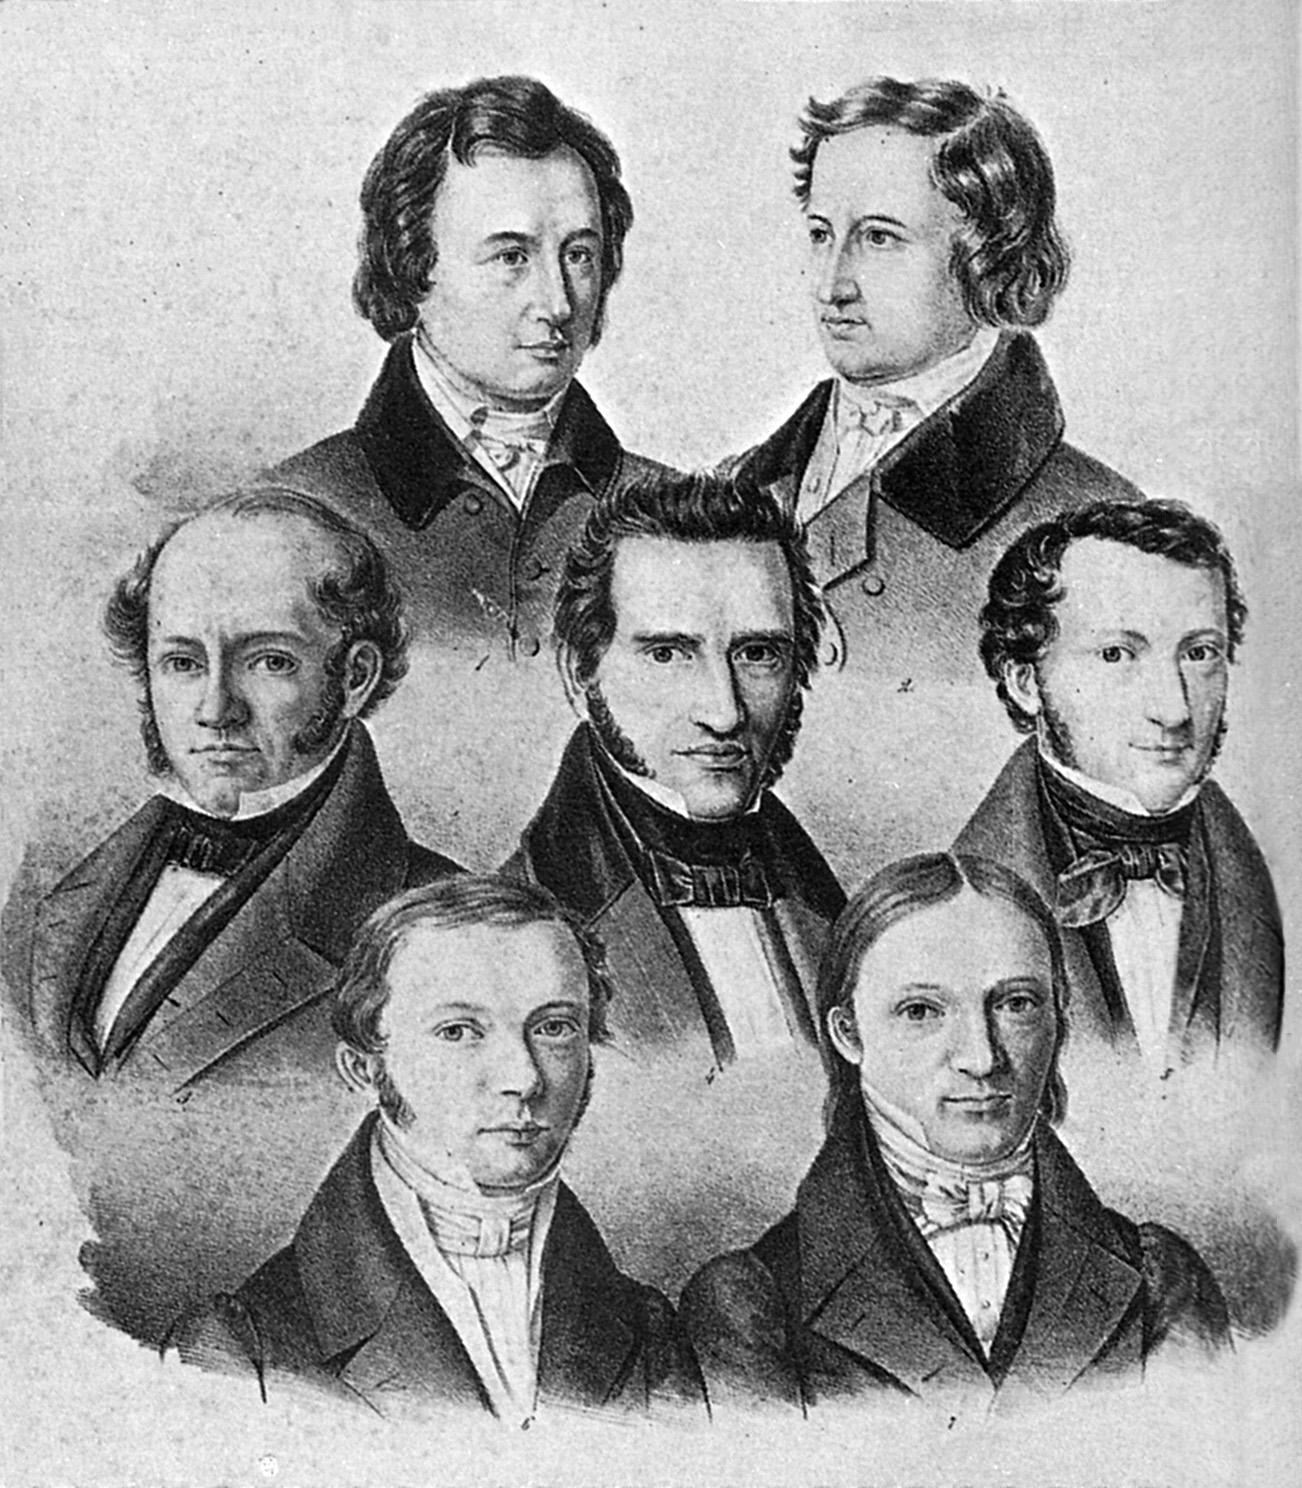 Ein Schwarz-Weiß-Druck der Porträts von sieben Herren in Anzügen.